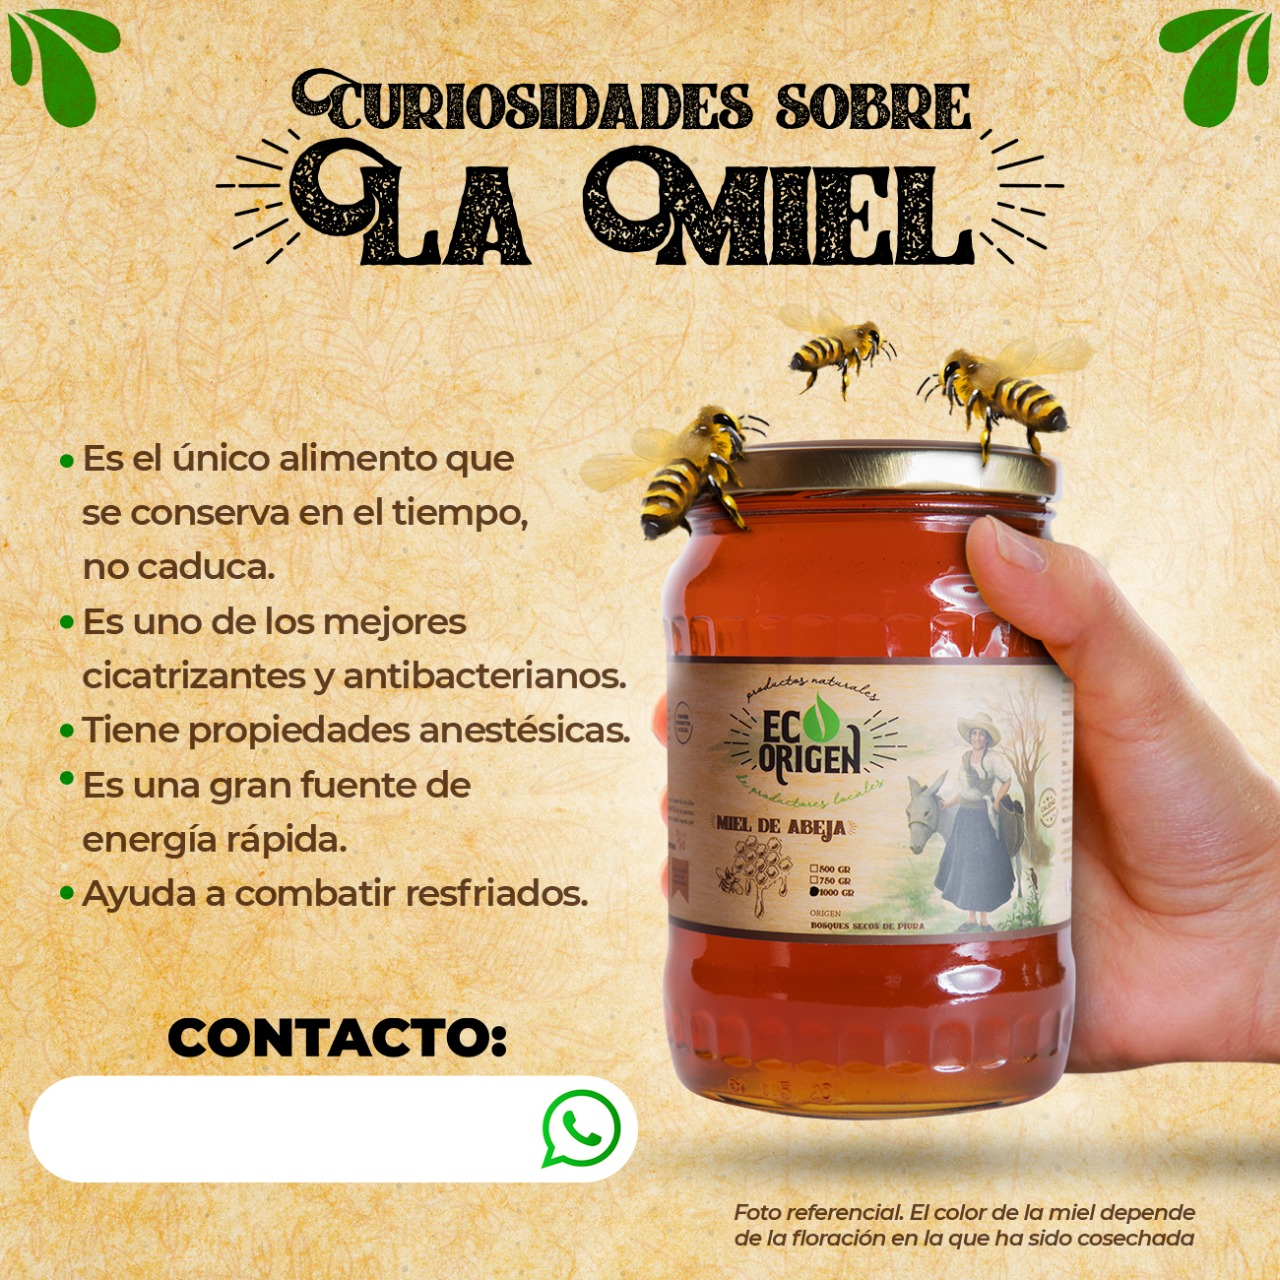 Curiosidades sobre la miel de abeja